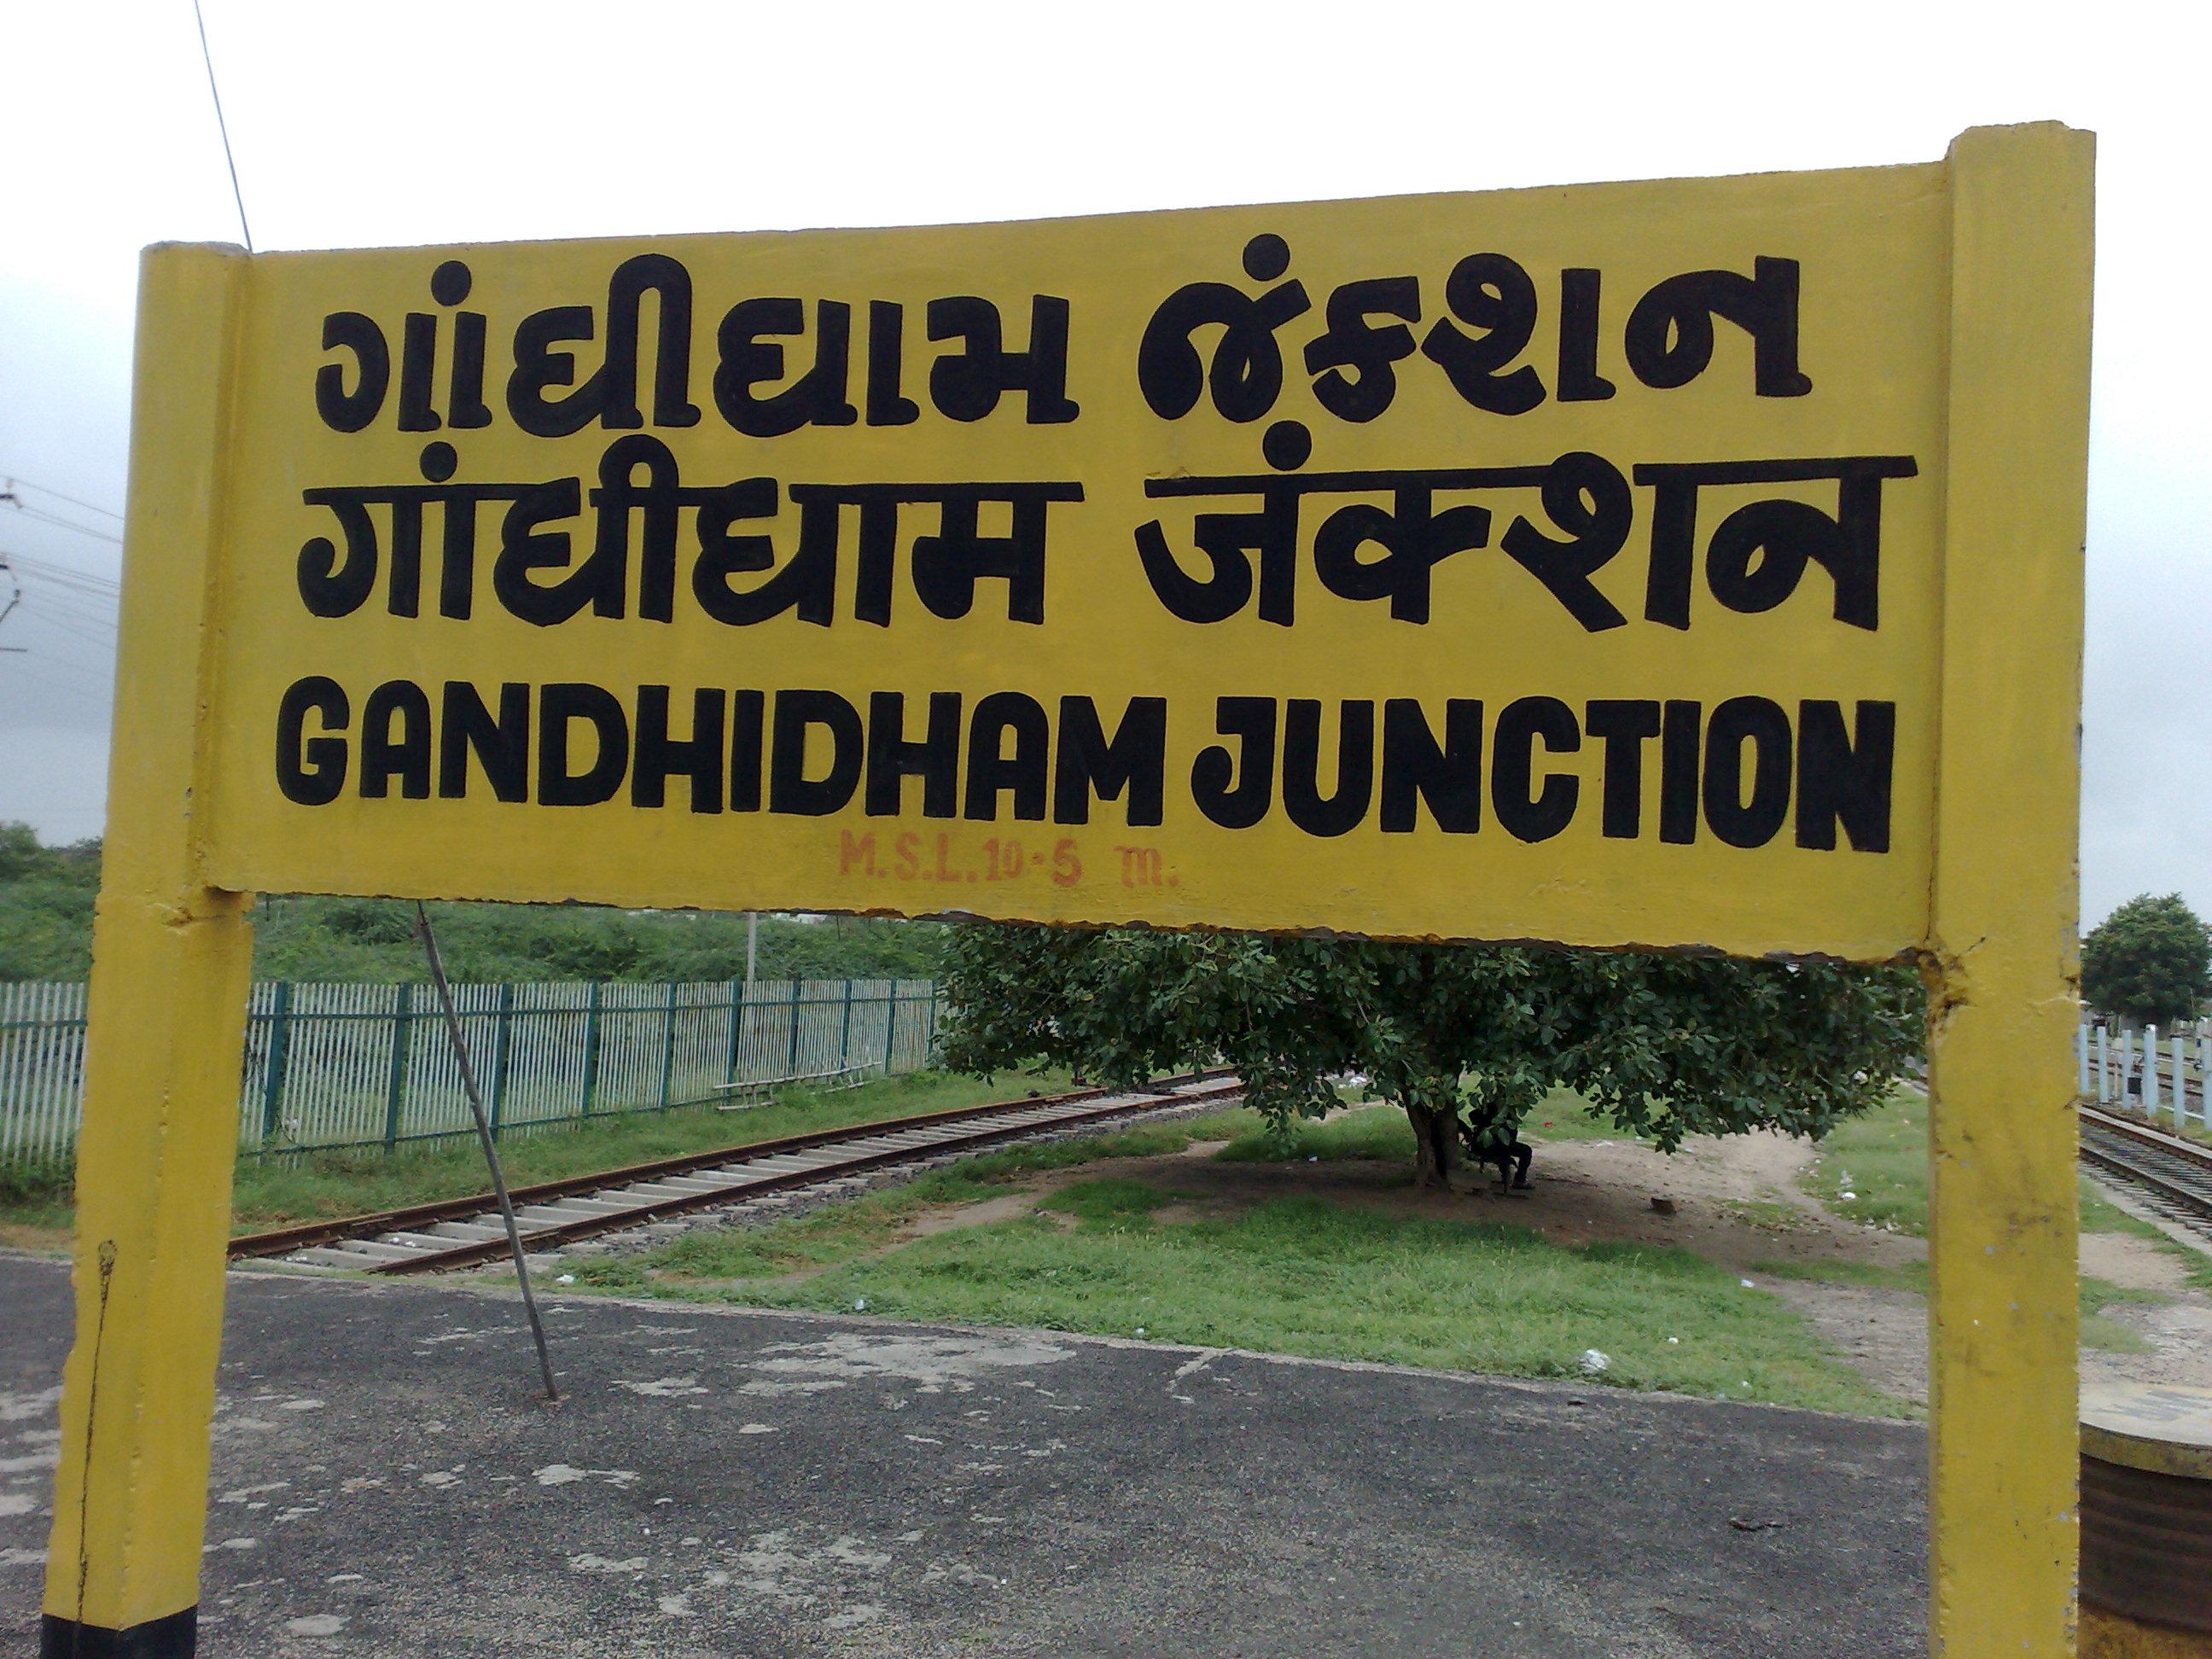 Gandhidham Wikipedia